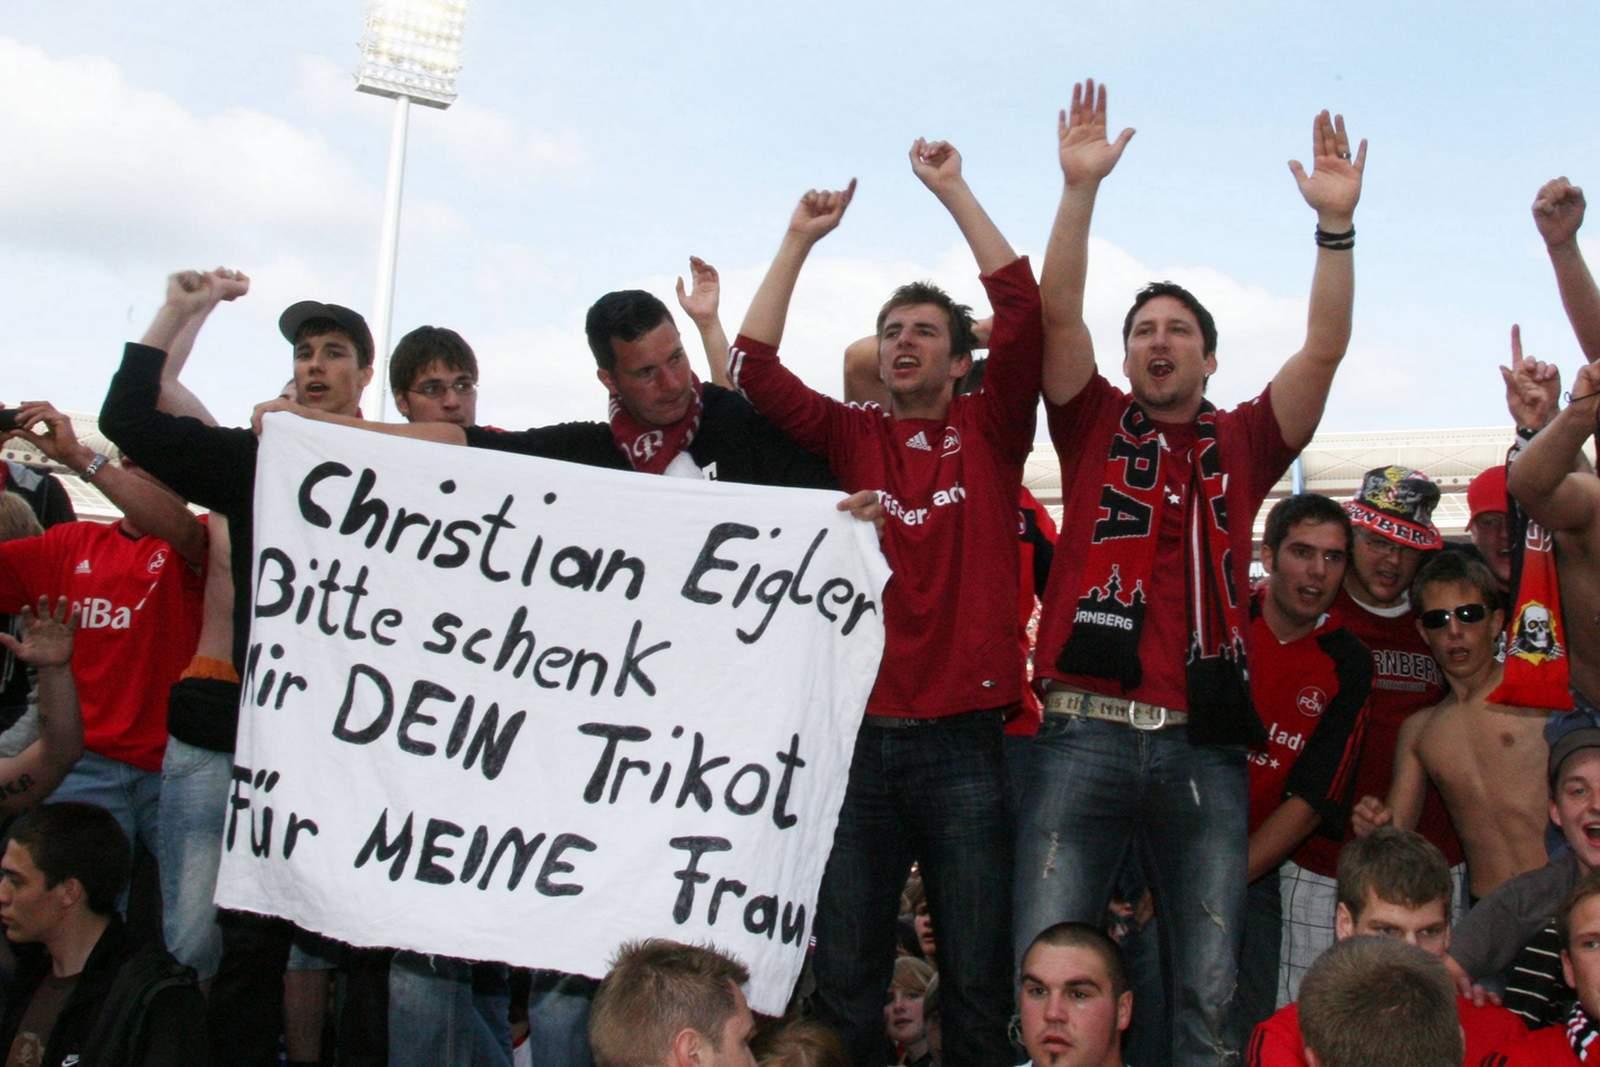 Nürnberg-Fans feiern bei Aufstieg Christian Eigler